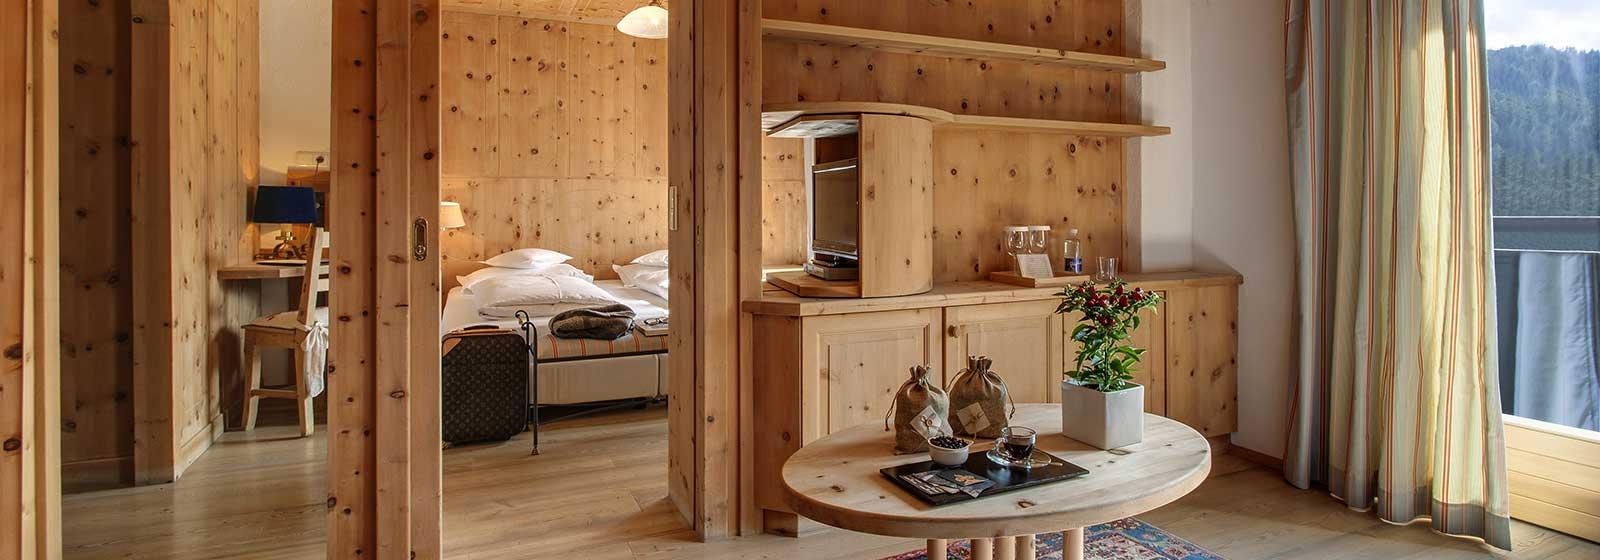 ciasa-salares-suite-suite-lavarella-tipica